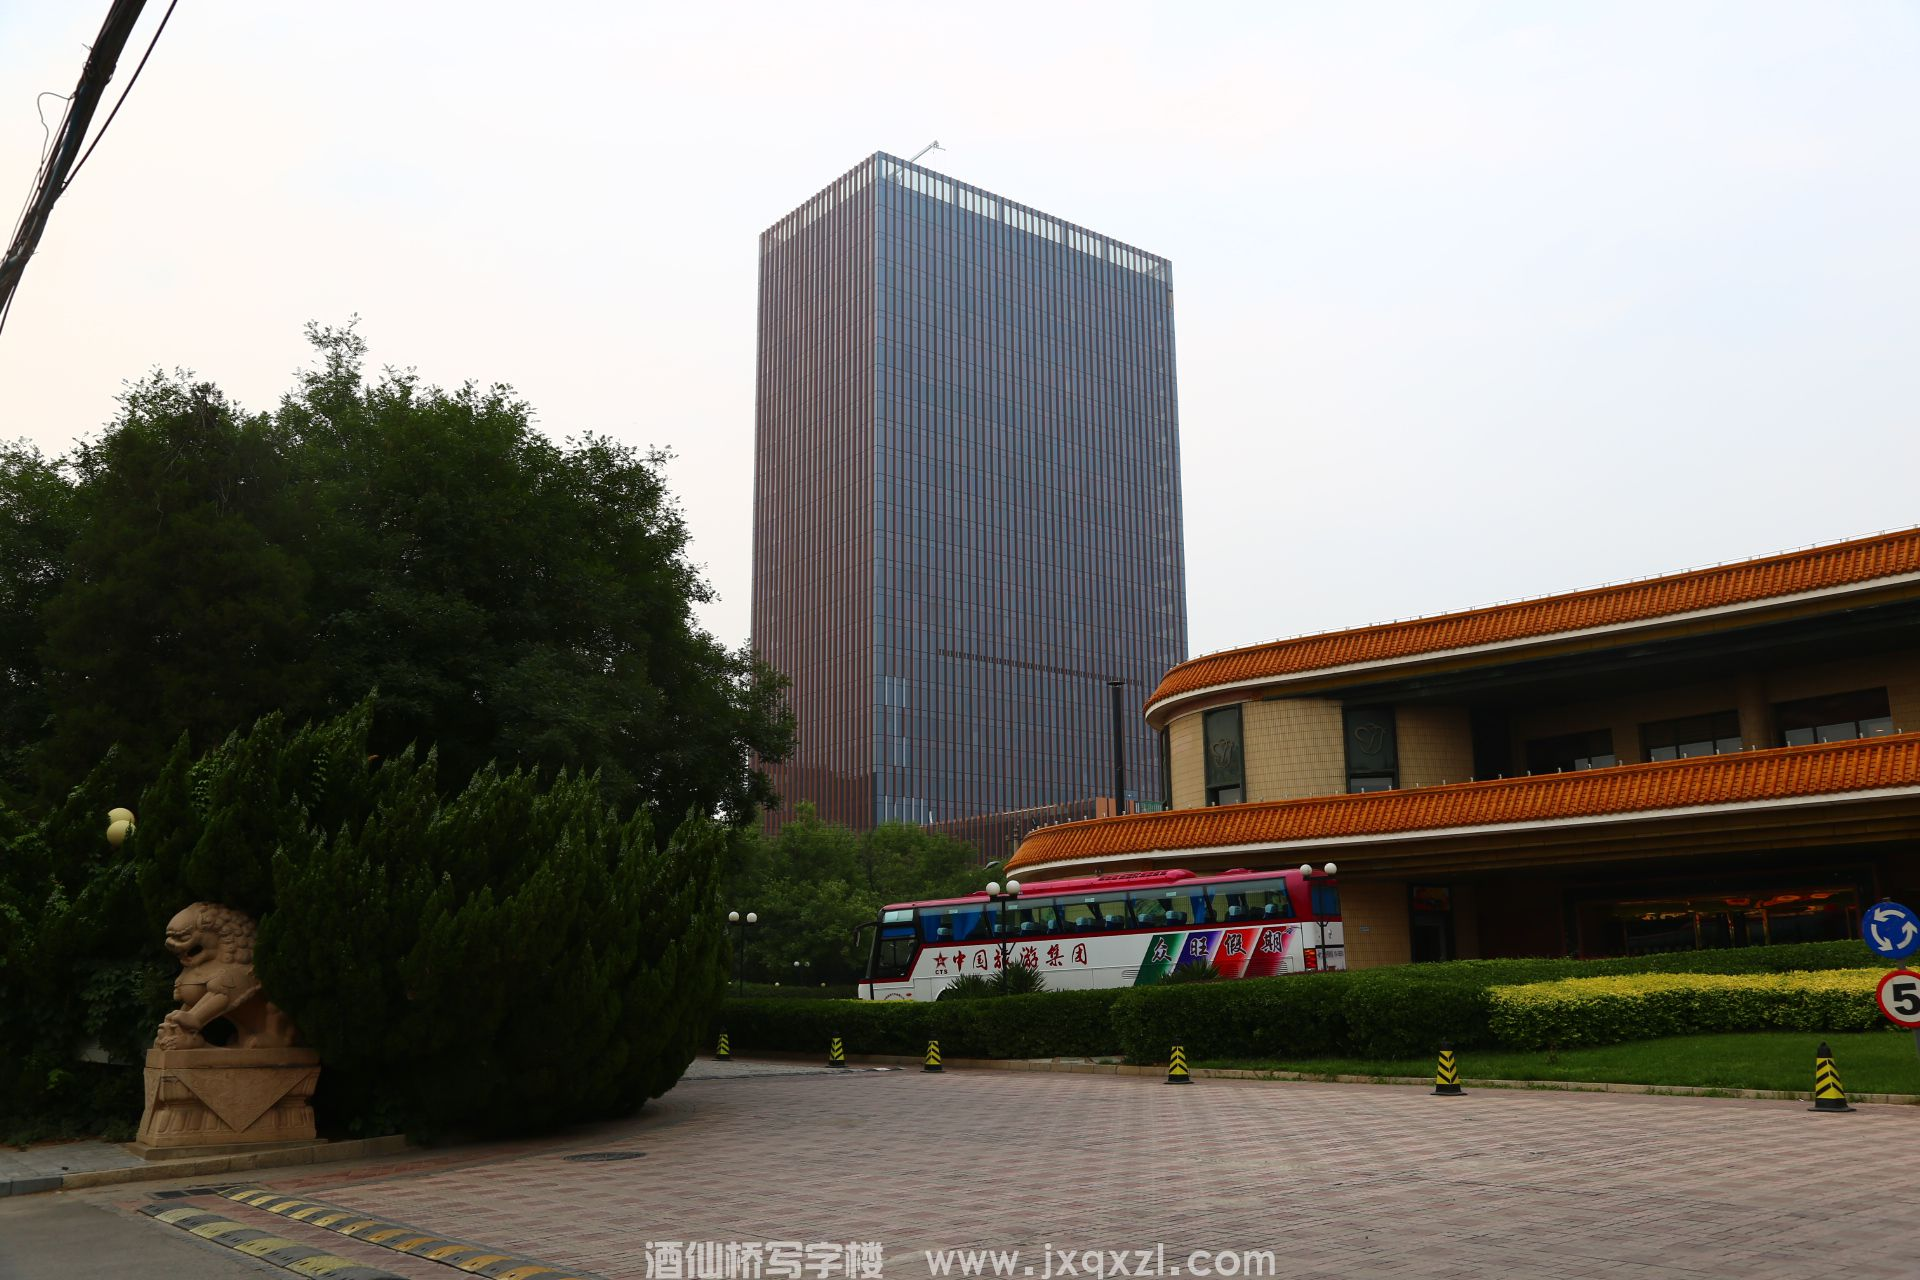 东方金融中心大厦图片实景照片最新?